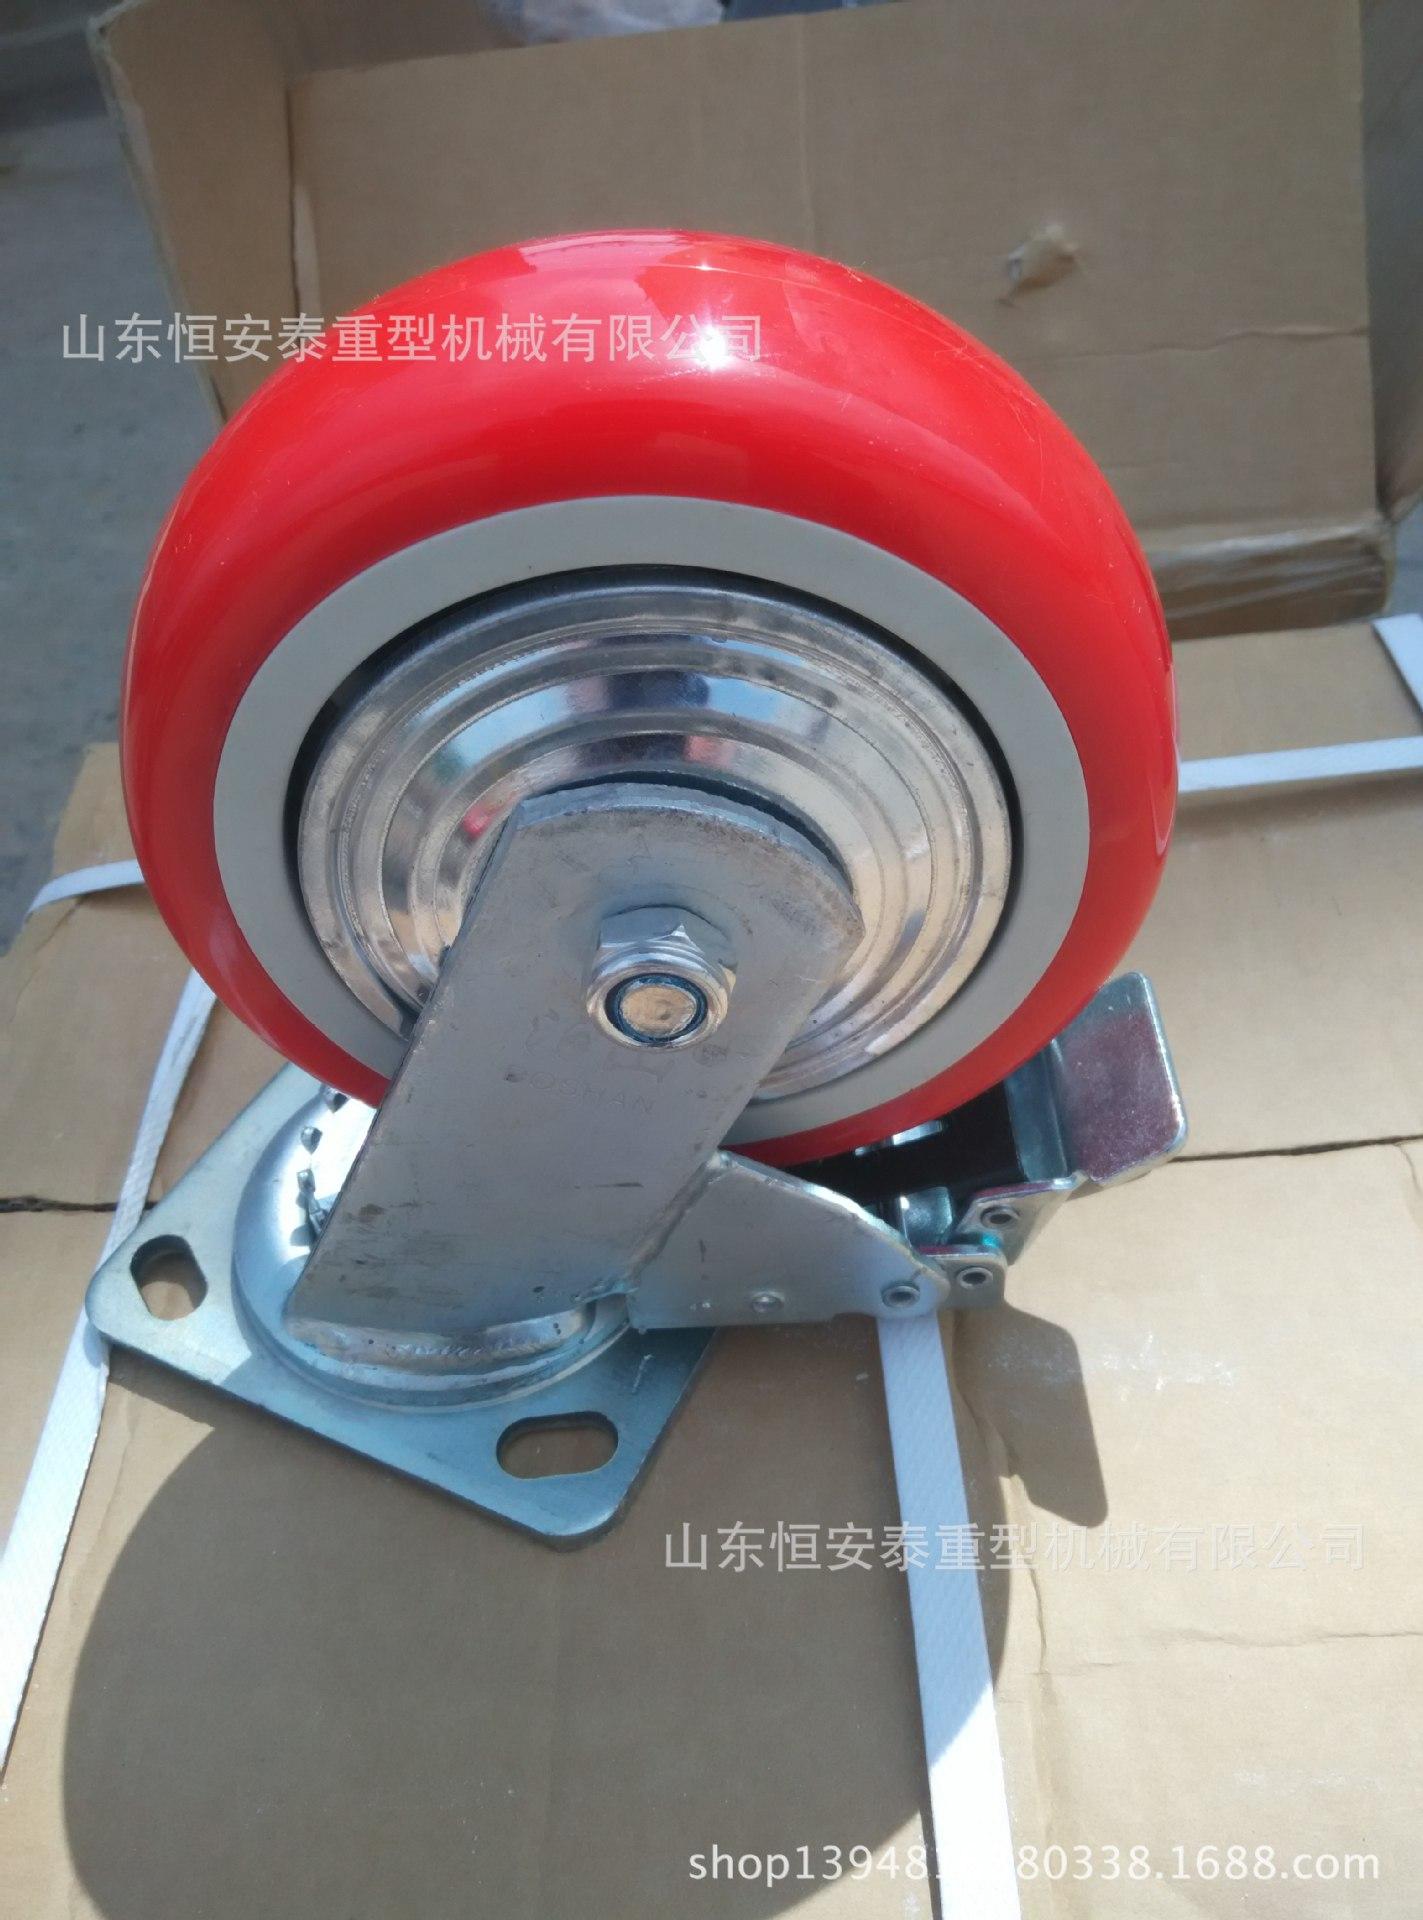 万向轮轮子6寸超重型脚轮实心铸铁橡胶滑轮超重载工业设备